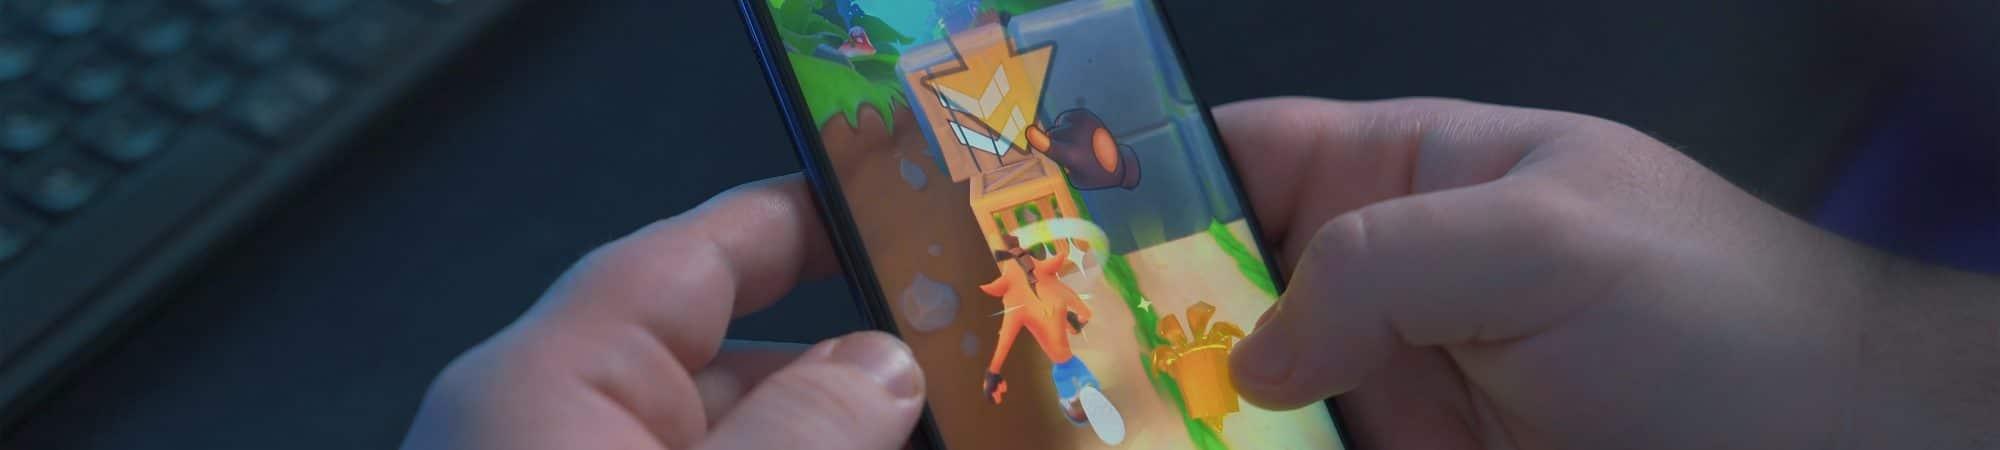 App Google Play Games terá novos recursos no Android 12. Imagem mostra mãos jogando em smartphone disposto na vertical. Imagem: Onur Binay/Unsplash